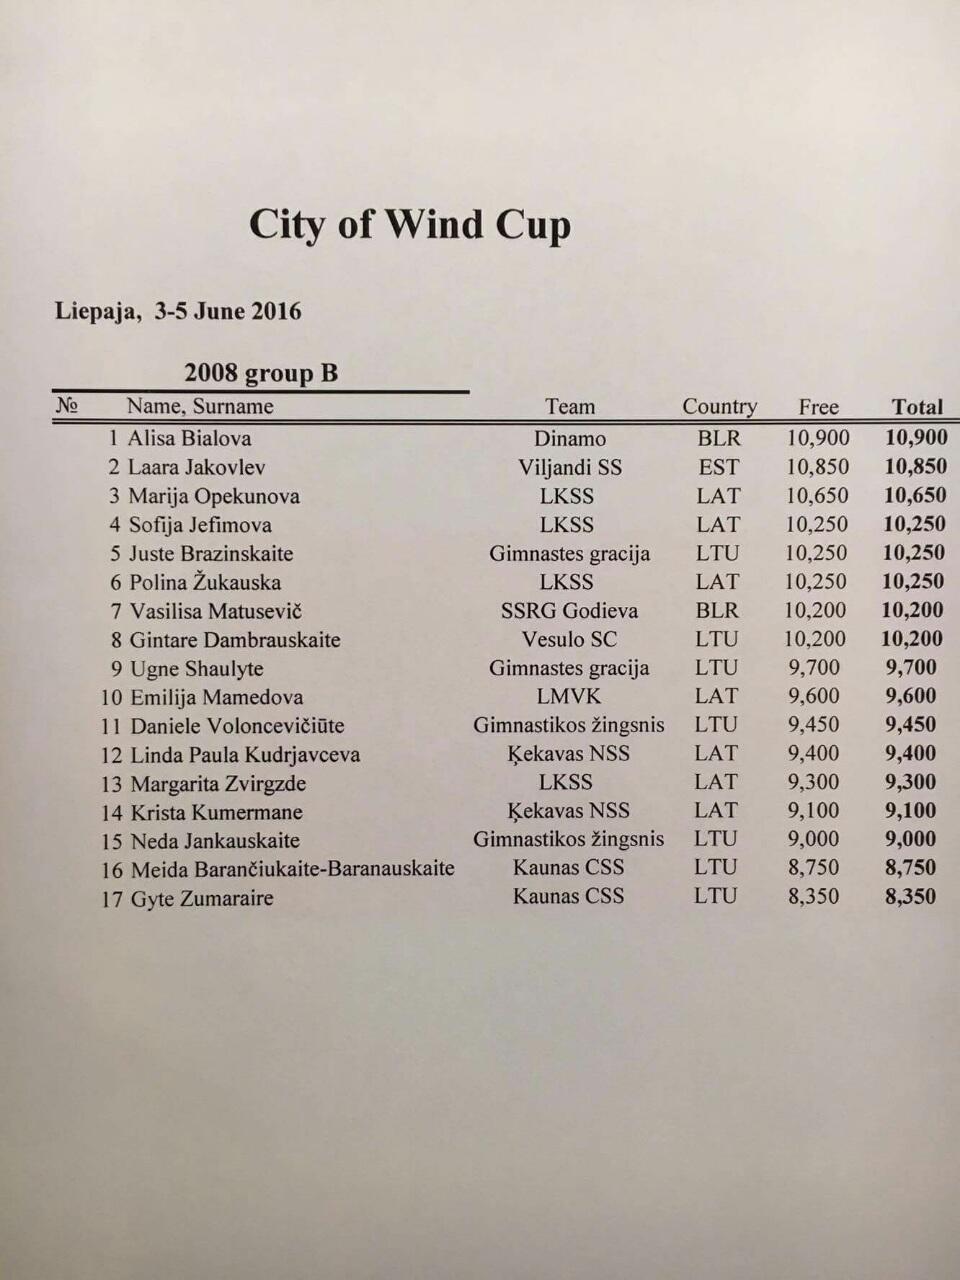 CITY OF WINDS CUP 2016 (Лиепая) - результаты Image-16